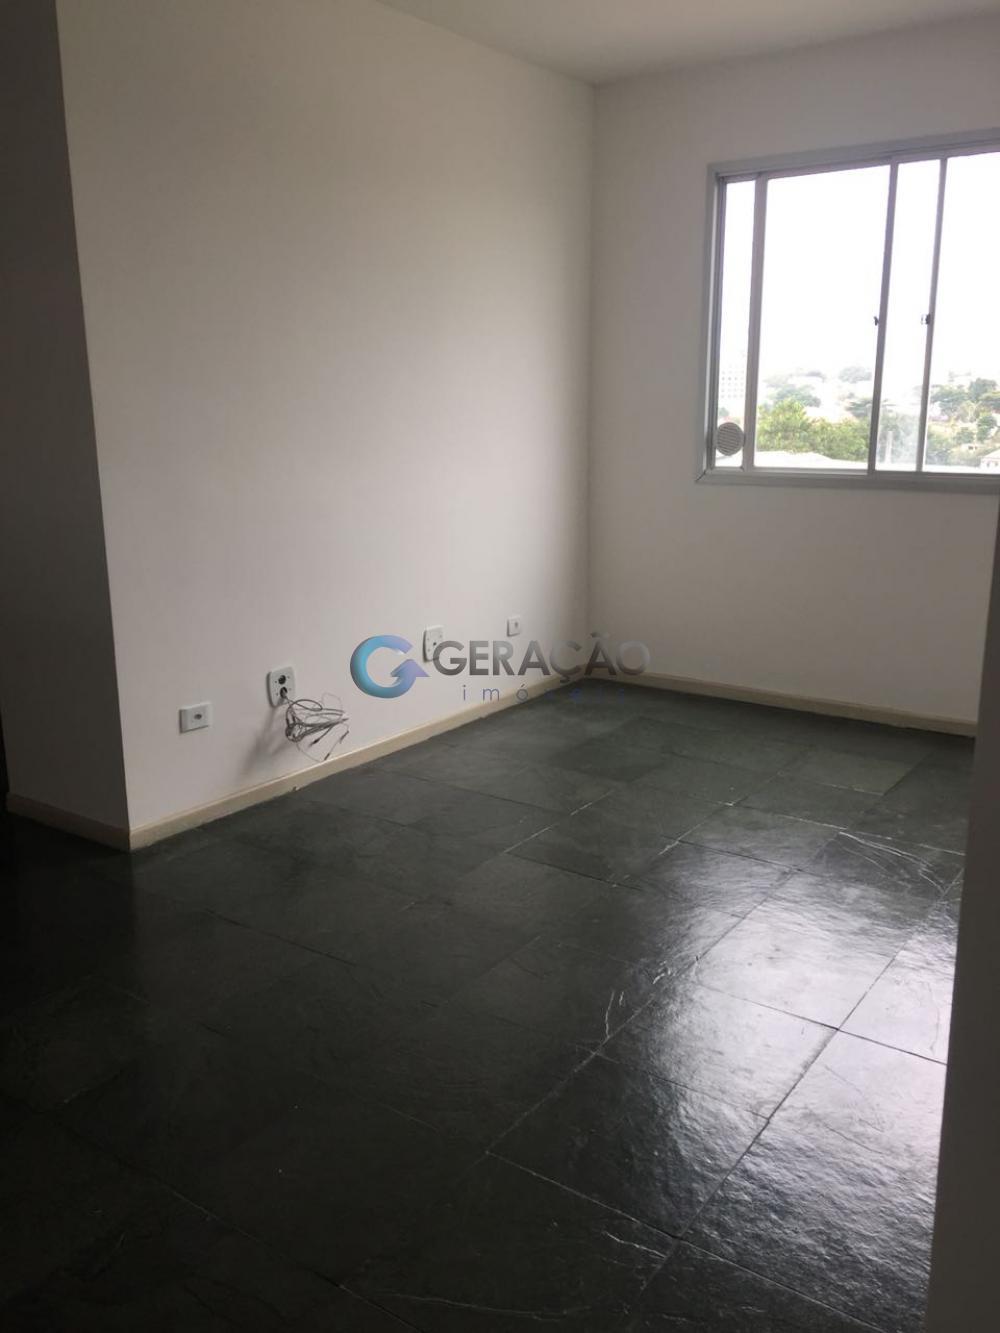 Alugar Apartamento / Padrão em São José dos Campos R$ 600,00 - Foto 3